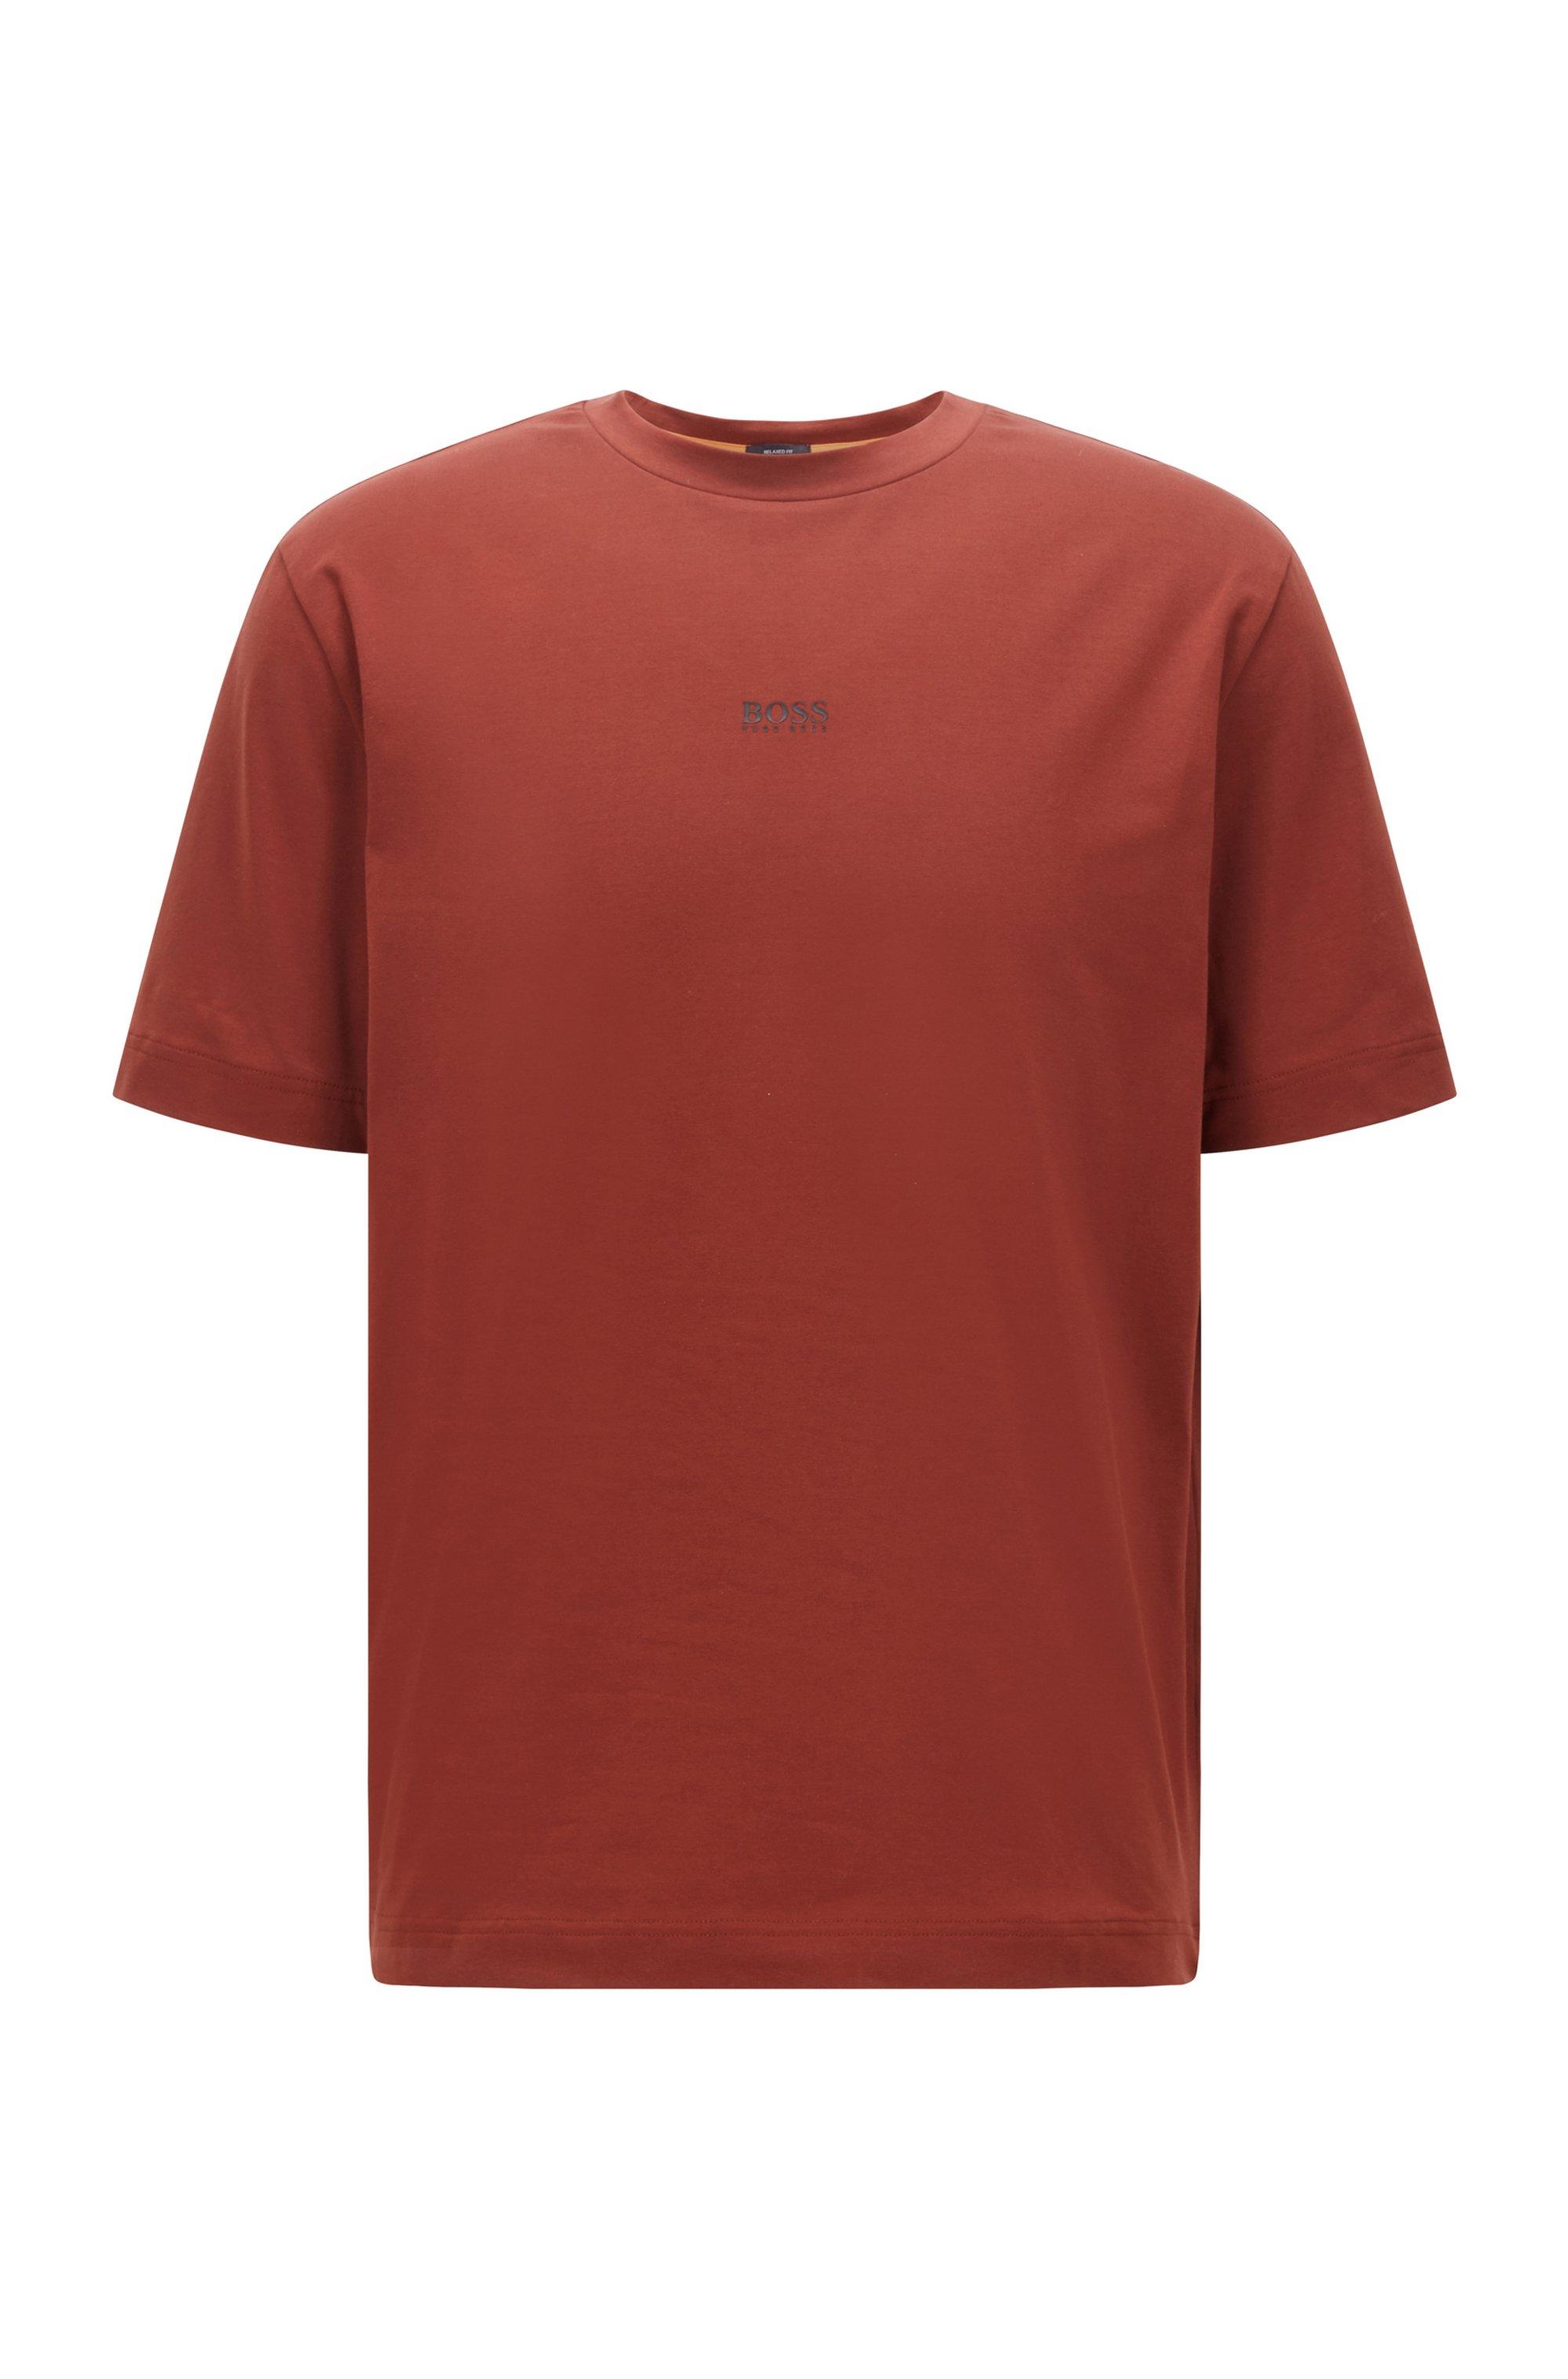 T-shirt Relaxed Fit en coton stretch, à logo superposé, Marron